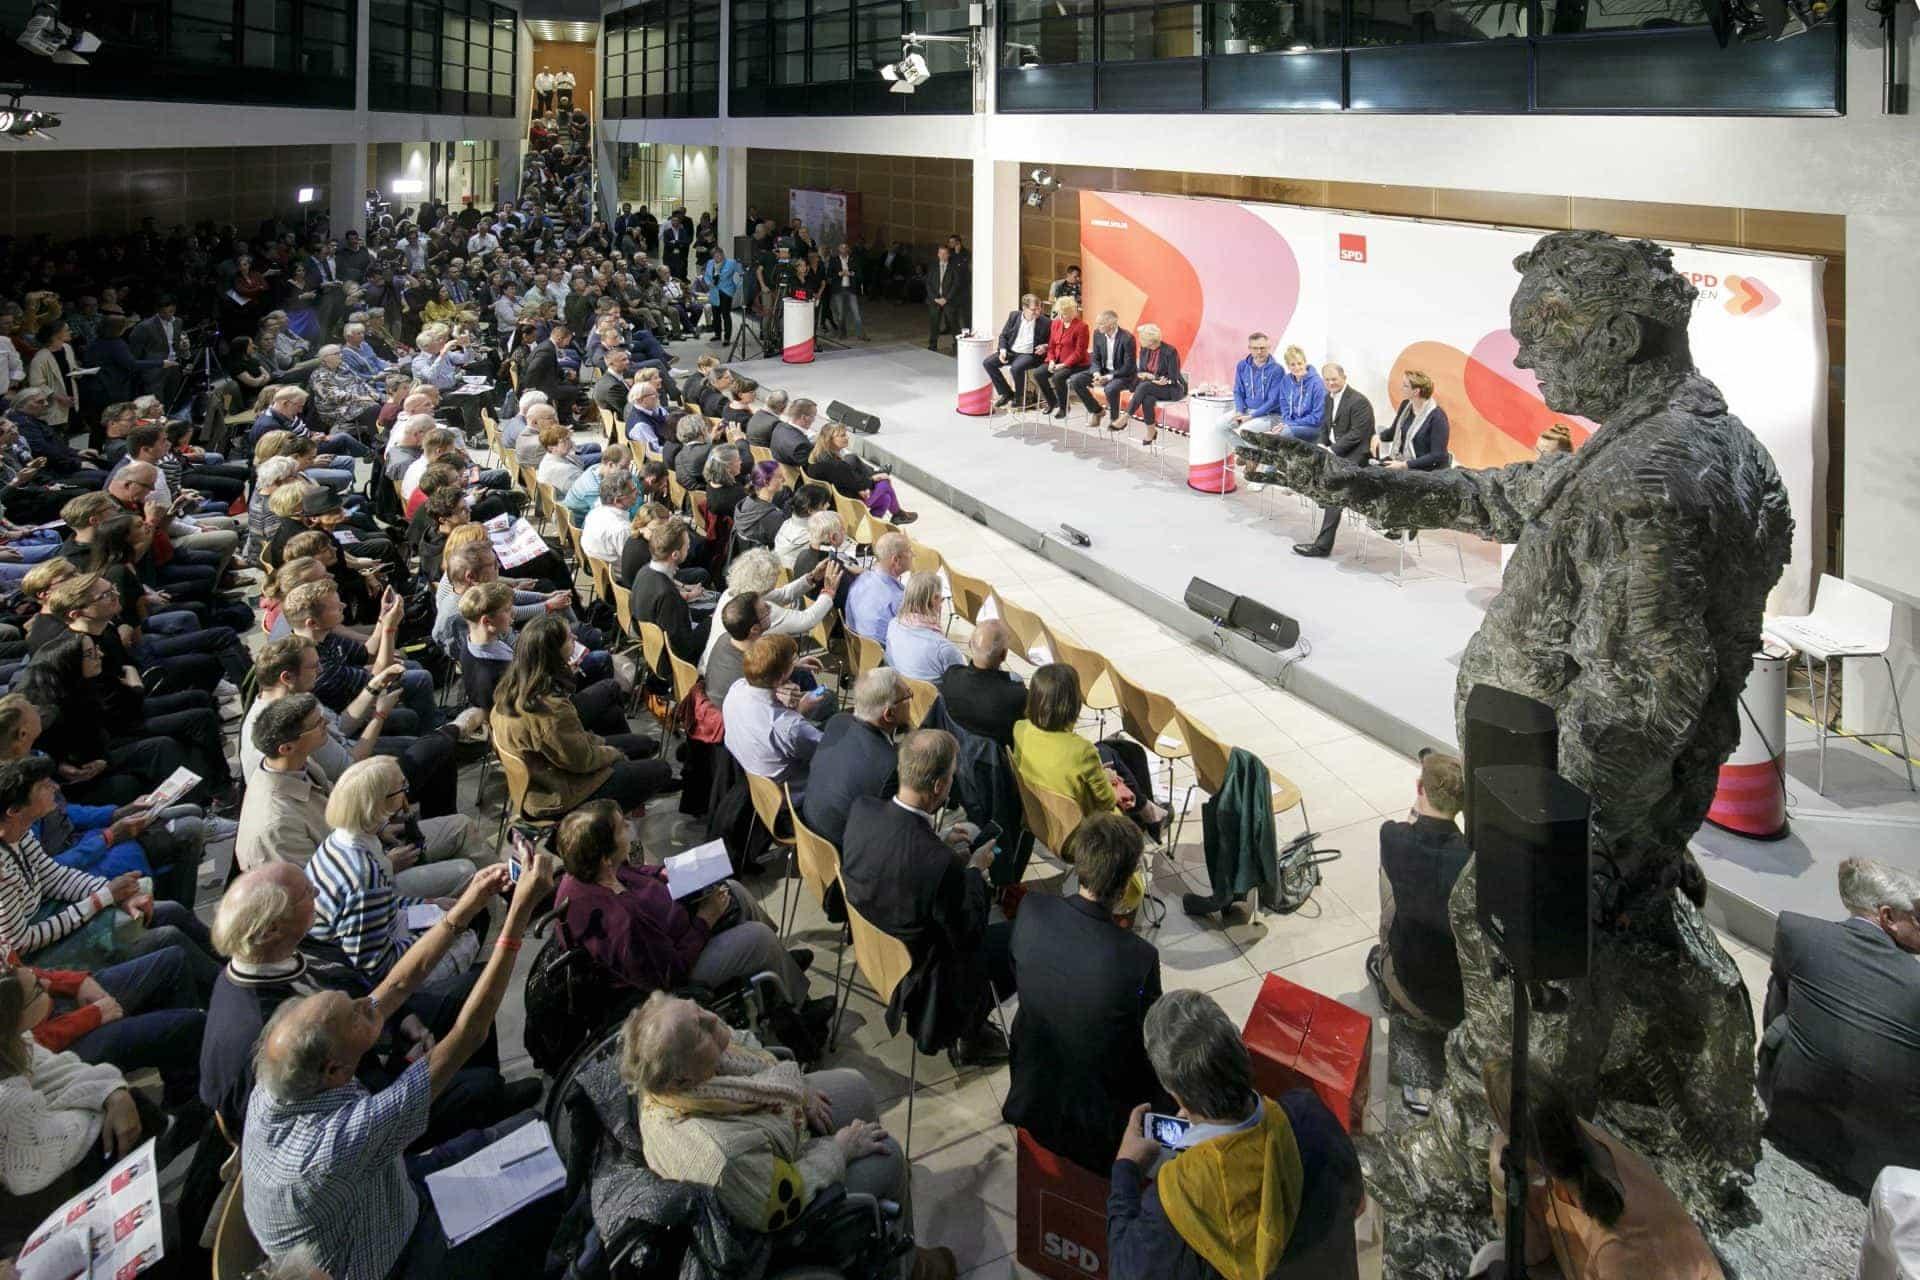 SPD-Regionalkonferenz zur Vorstellung der Teams für den SPD-Vorsitz am 17.9.2019 im Willy-Brandt-Haus Berlin